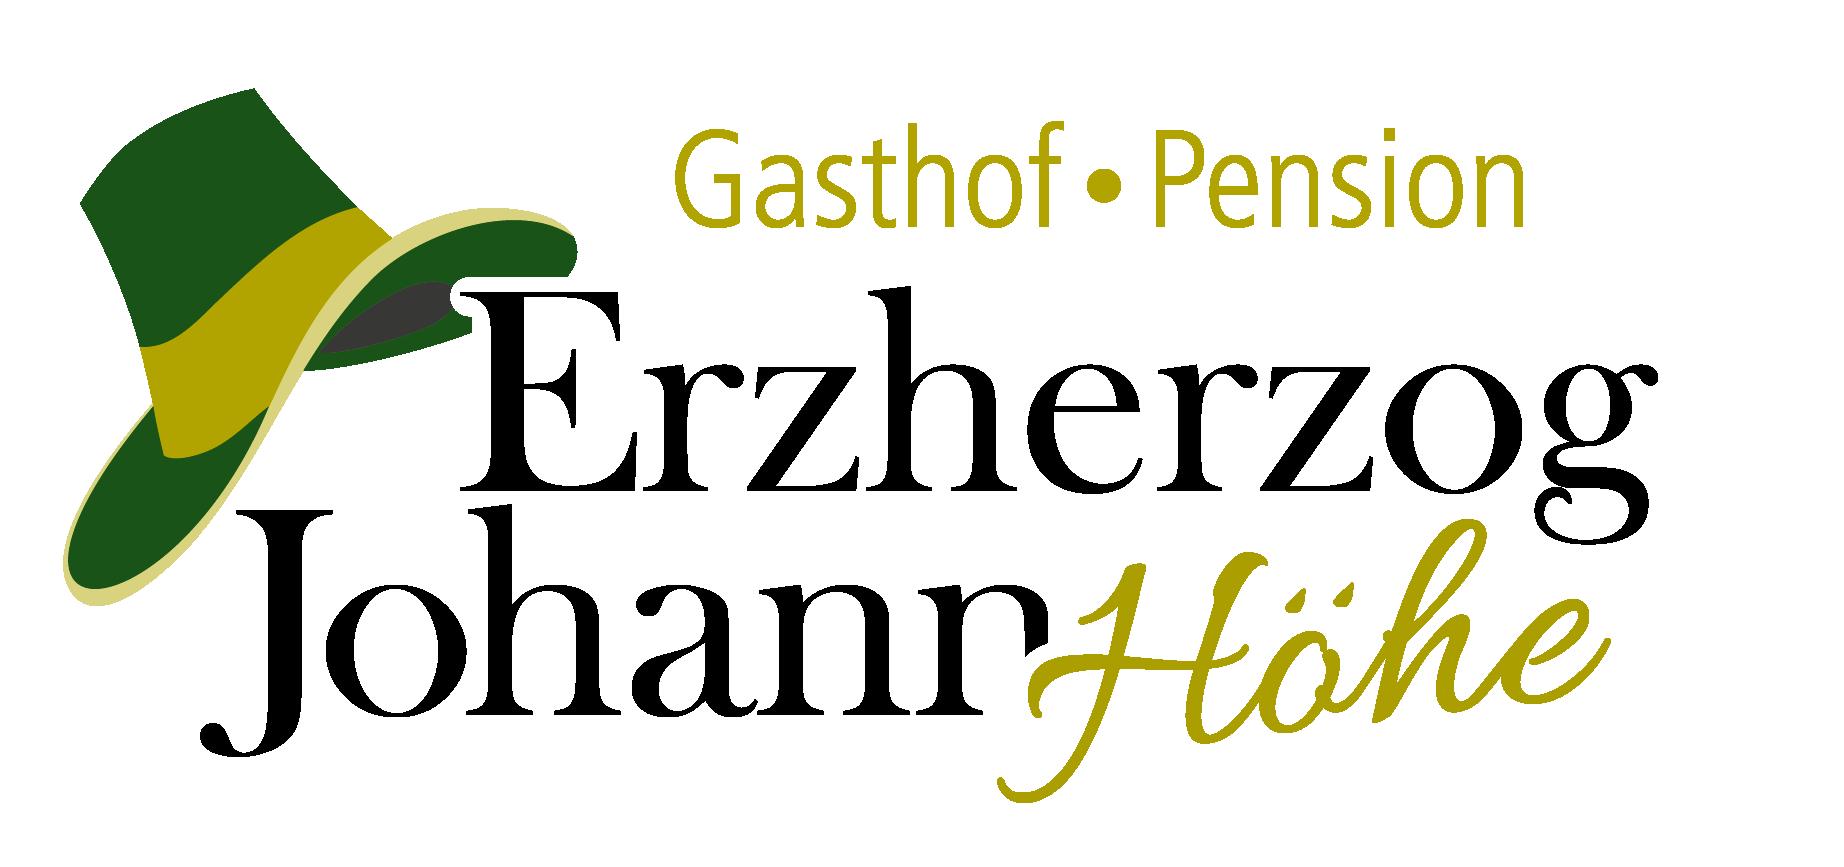 Gasthof – Pension Erherzog Johann Höhe